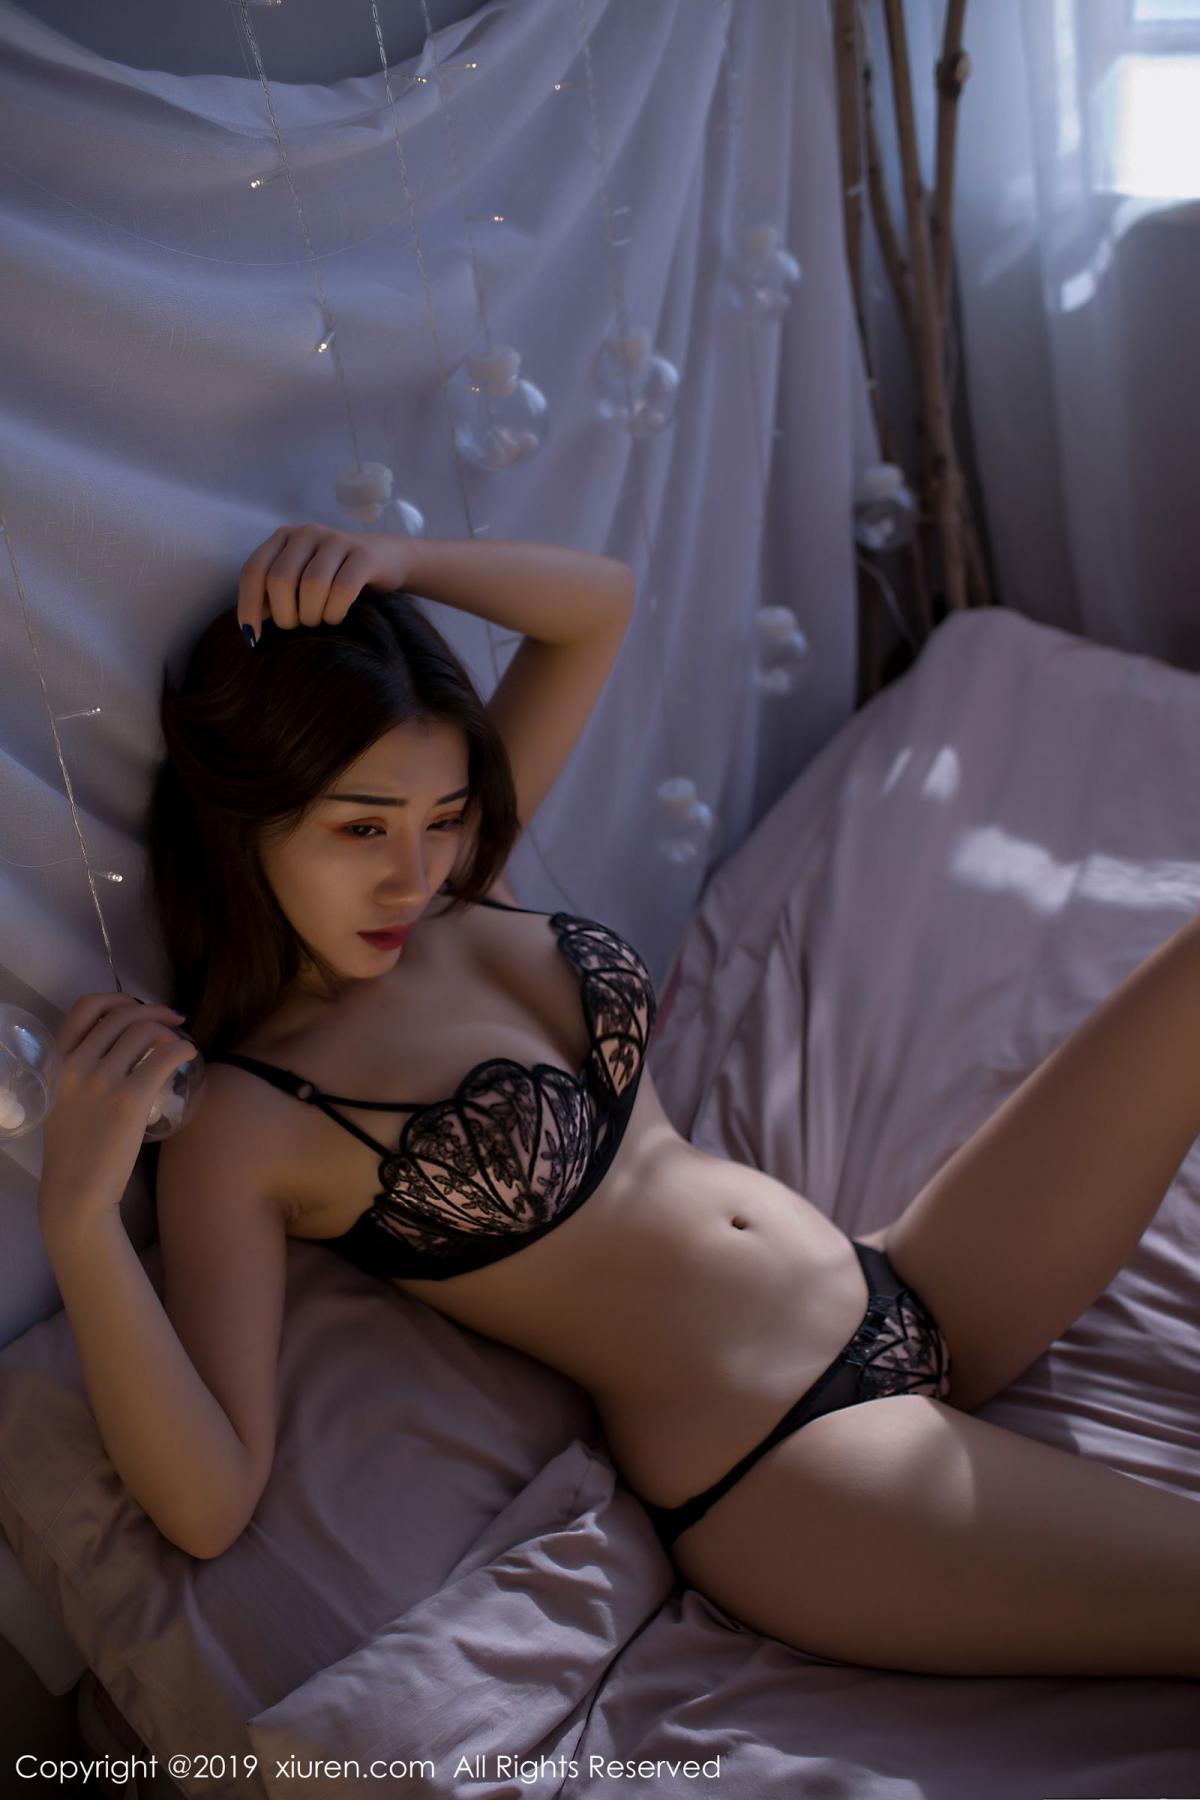 [XiuRen] Vol.1725 Zhi Zhi 2 38P, Underwear, Xiuren, Zhi Zhi